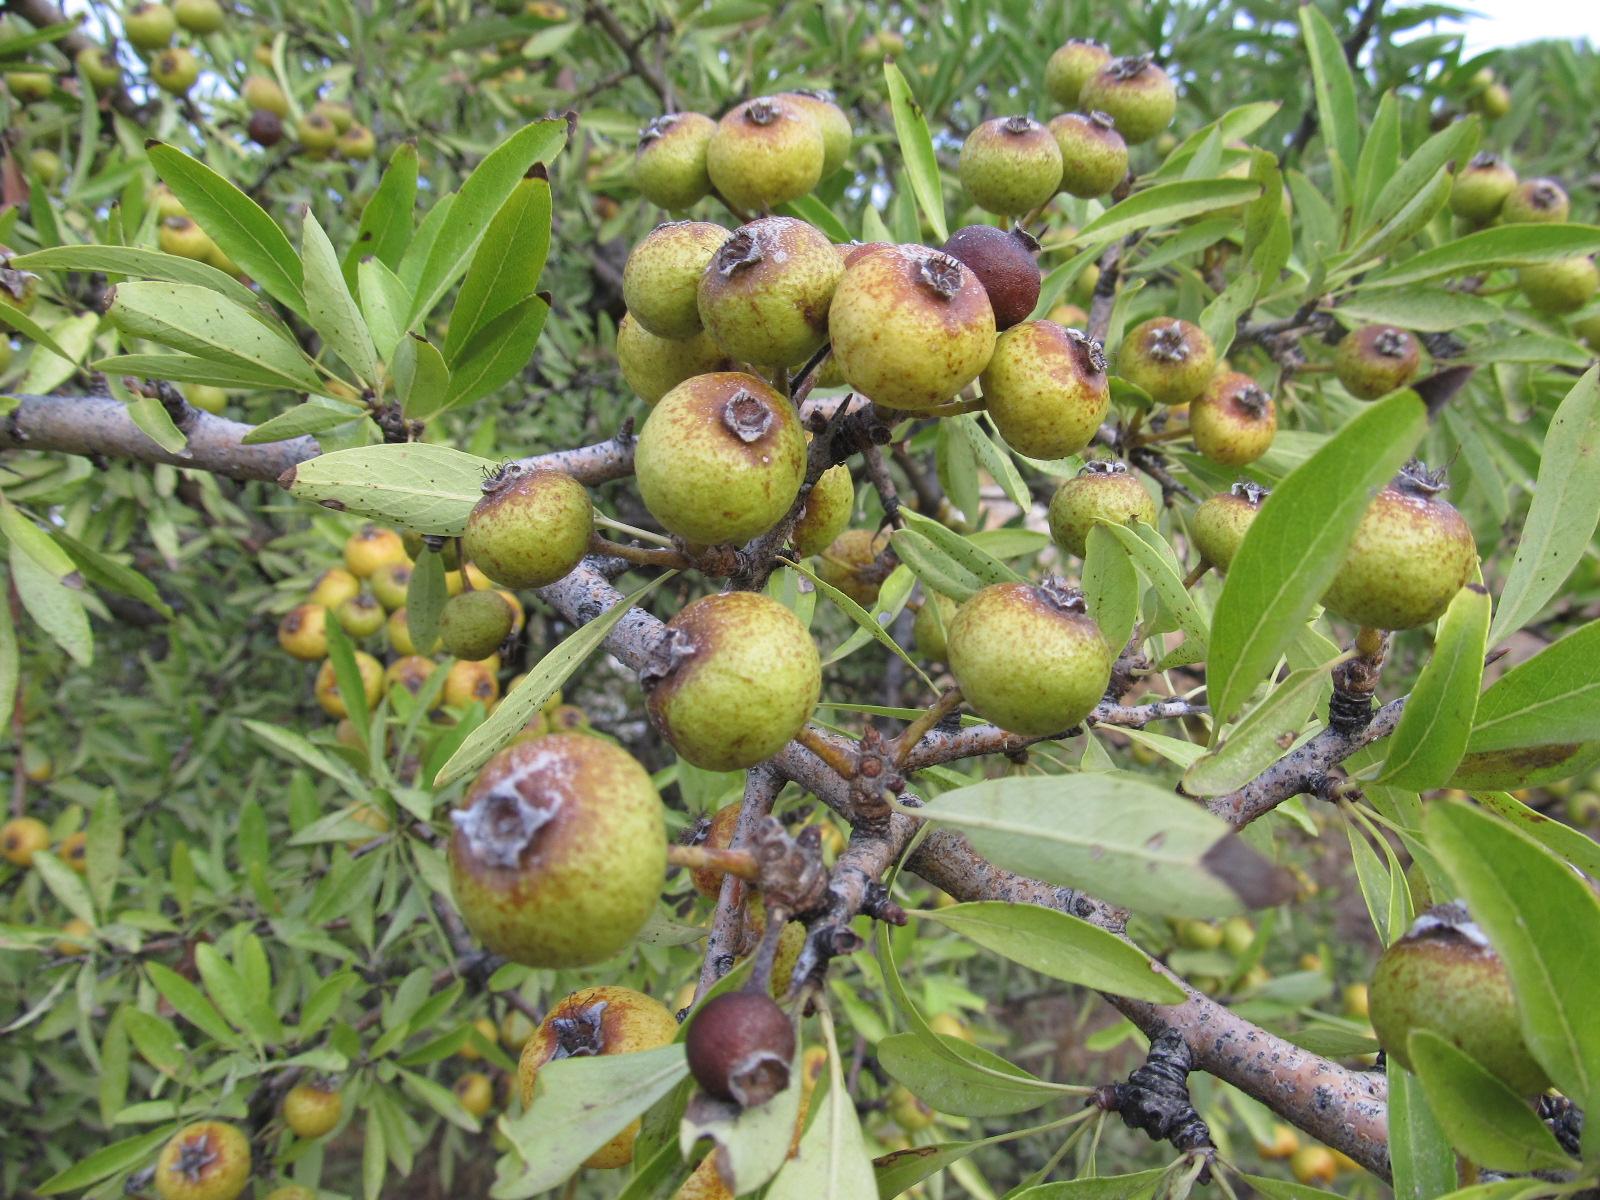 Ahlat ağacı ve meyveleri yaban hayatı için bu ağaçların yok